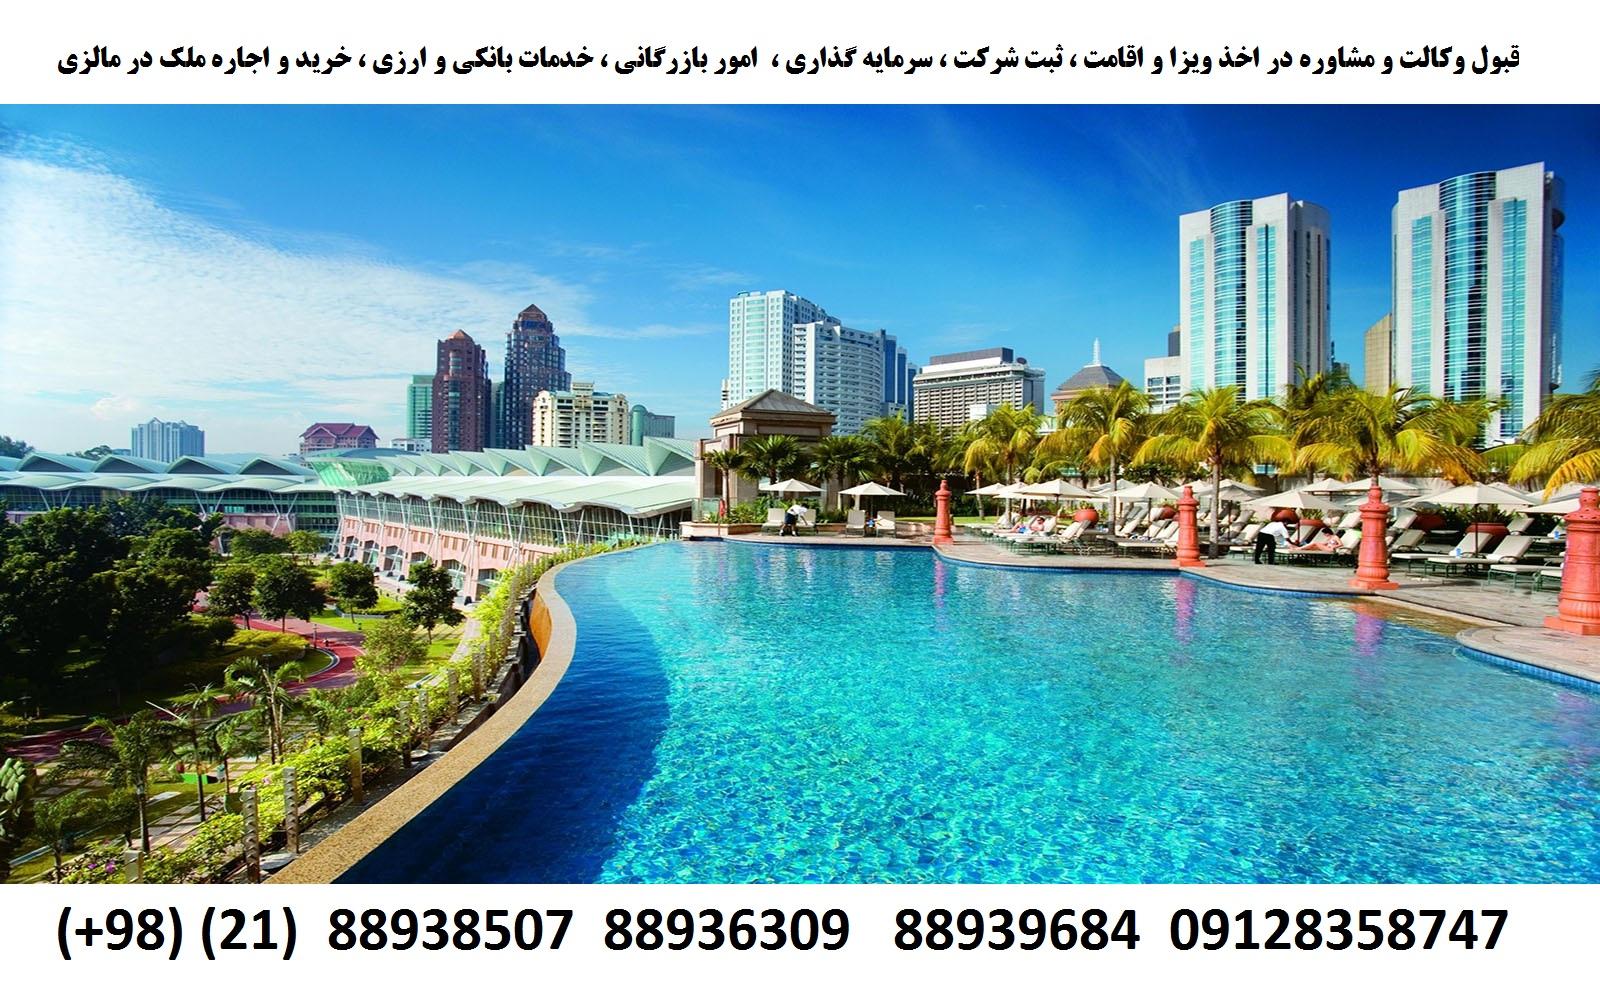 اقامت ، ویزا ،ثبت شرکت ، سرمایه گذاری در مالزی (5)